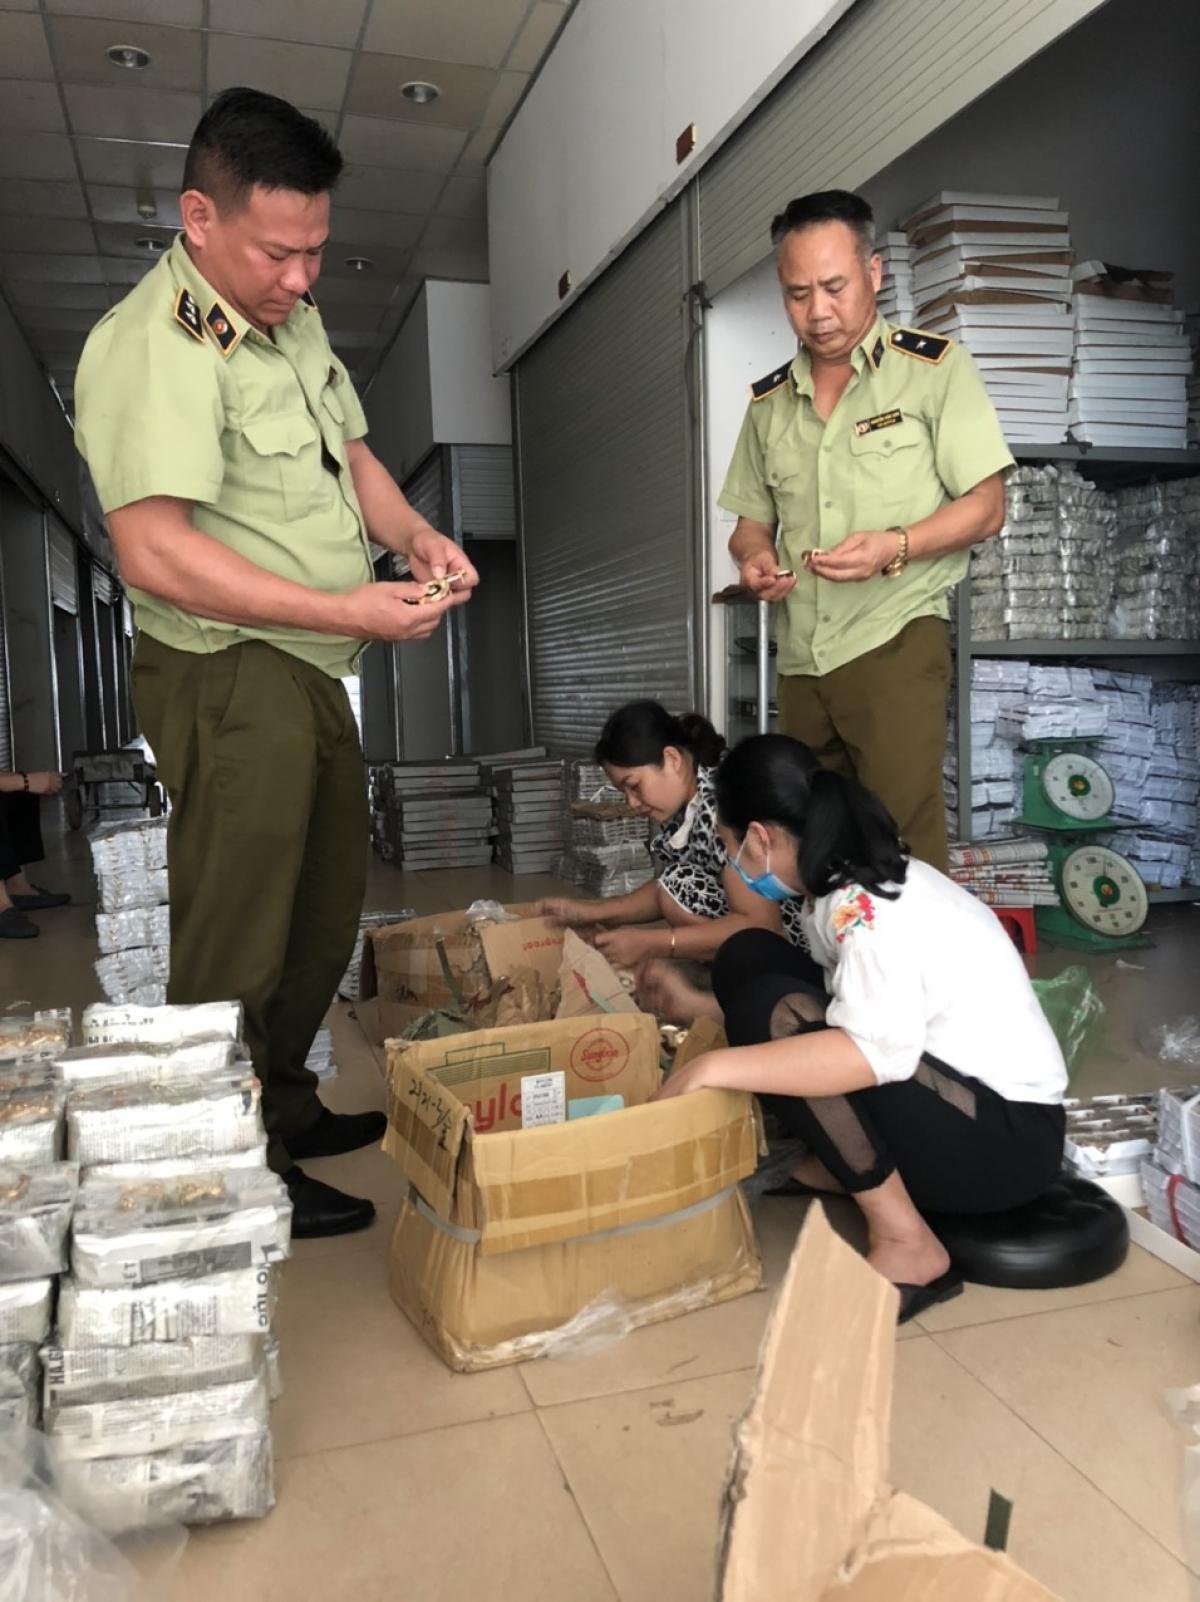 Đội quản lý thị trường số 1, Cục QLTT Quảng Ninh kiểm tra hàng hóa tại thành phố Móng Cái.